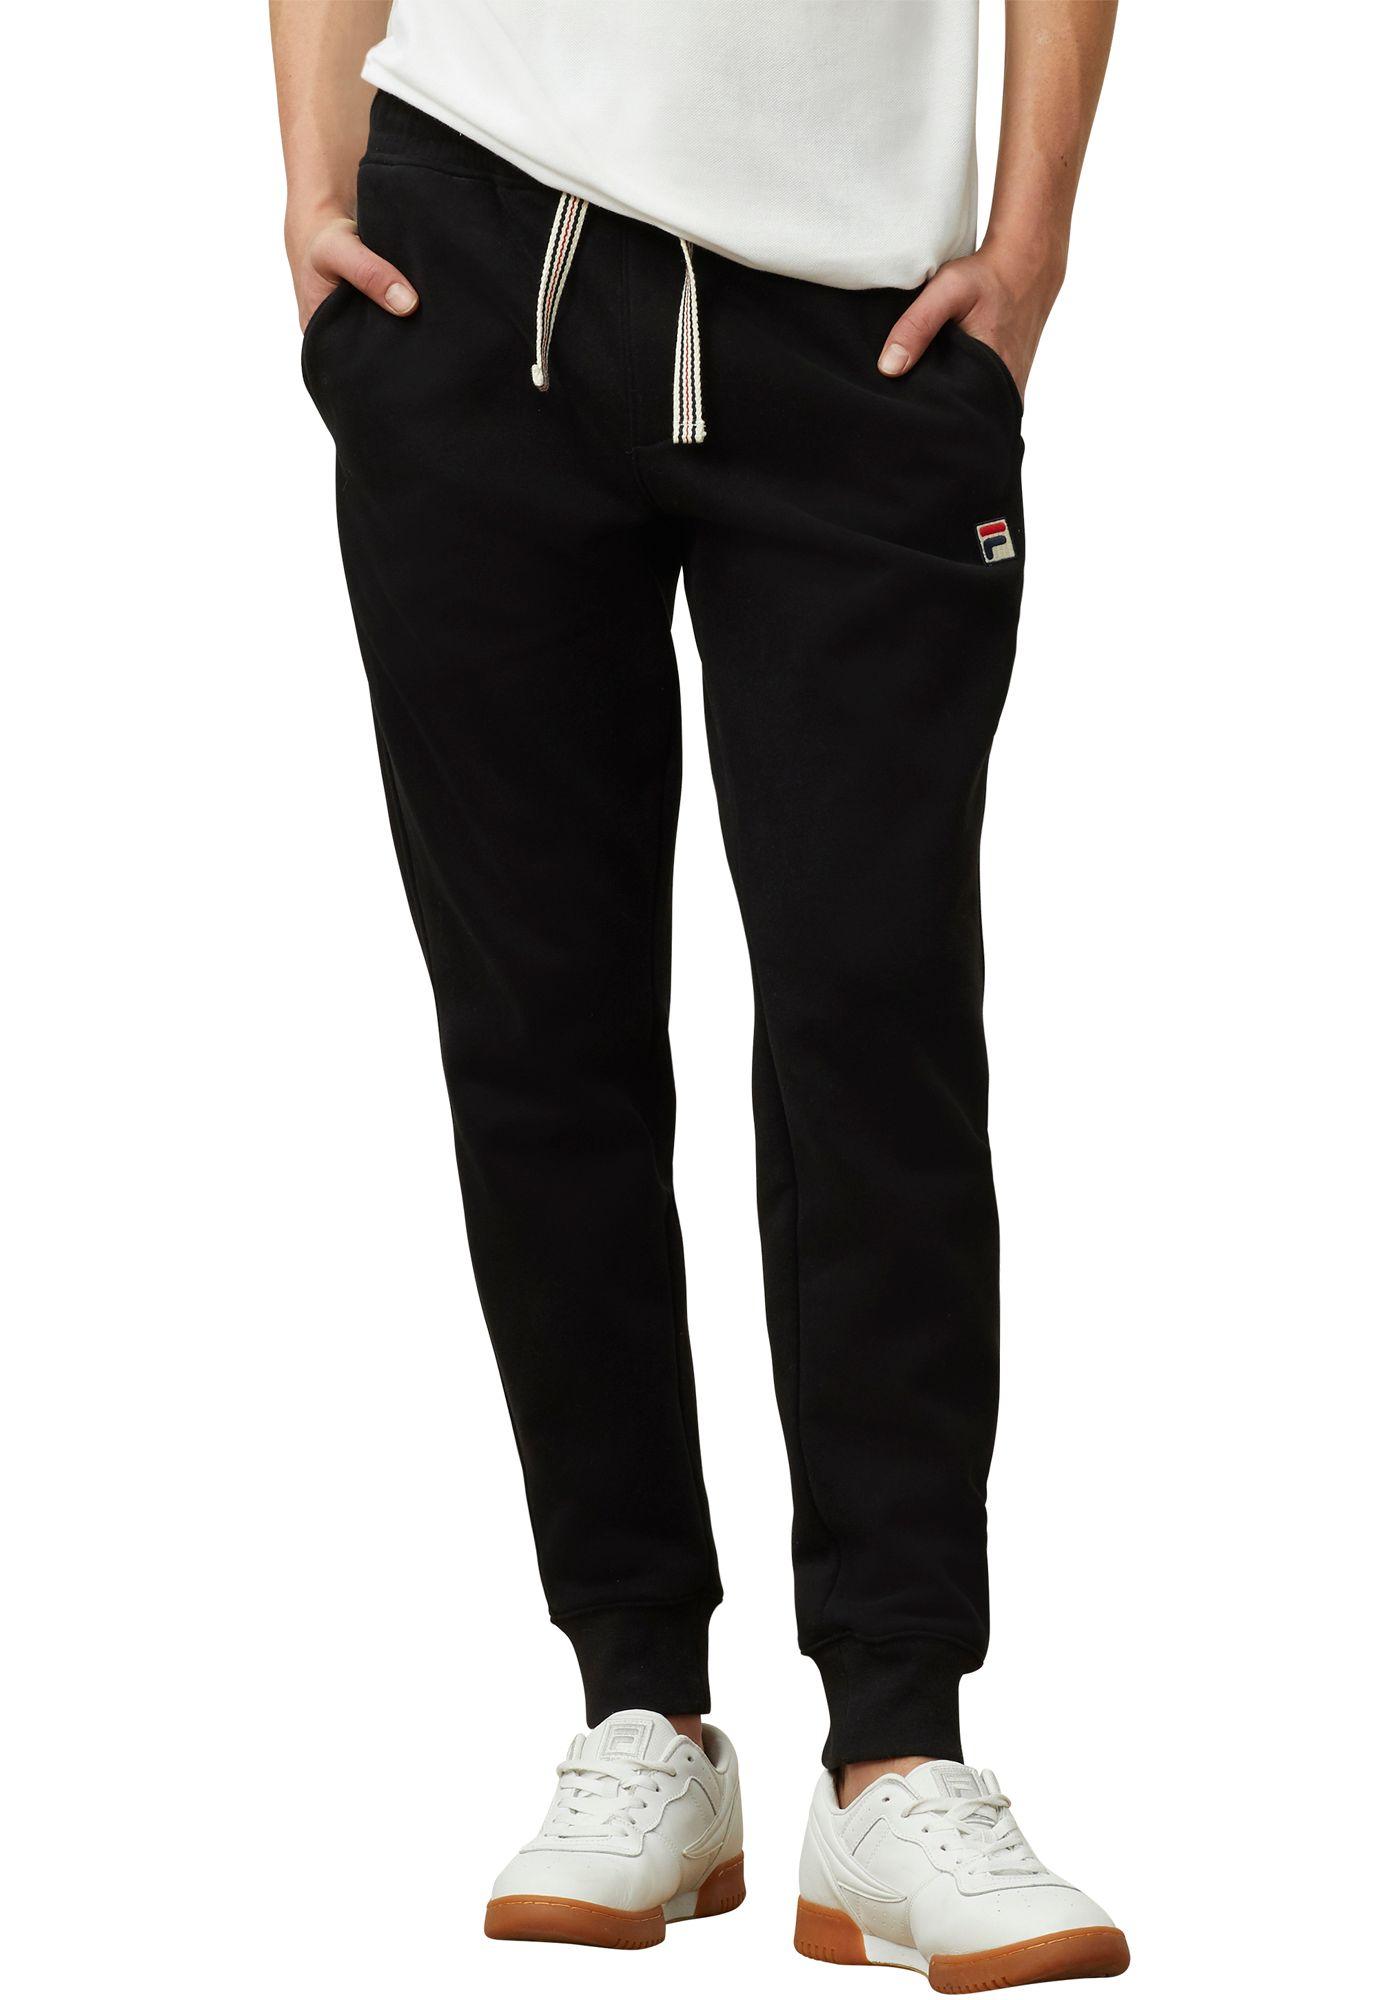 FILA Men's Visconti Jogger Pants